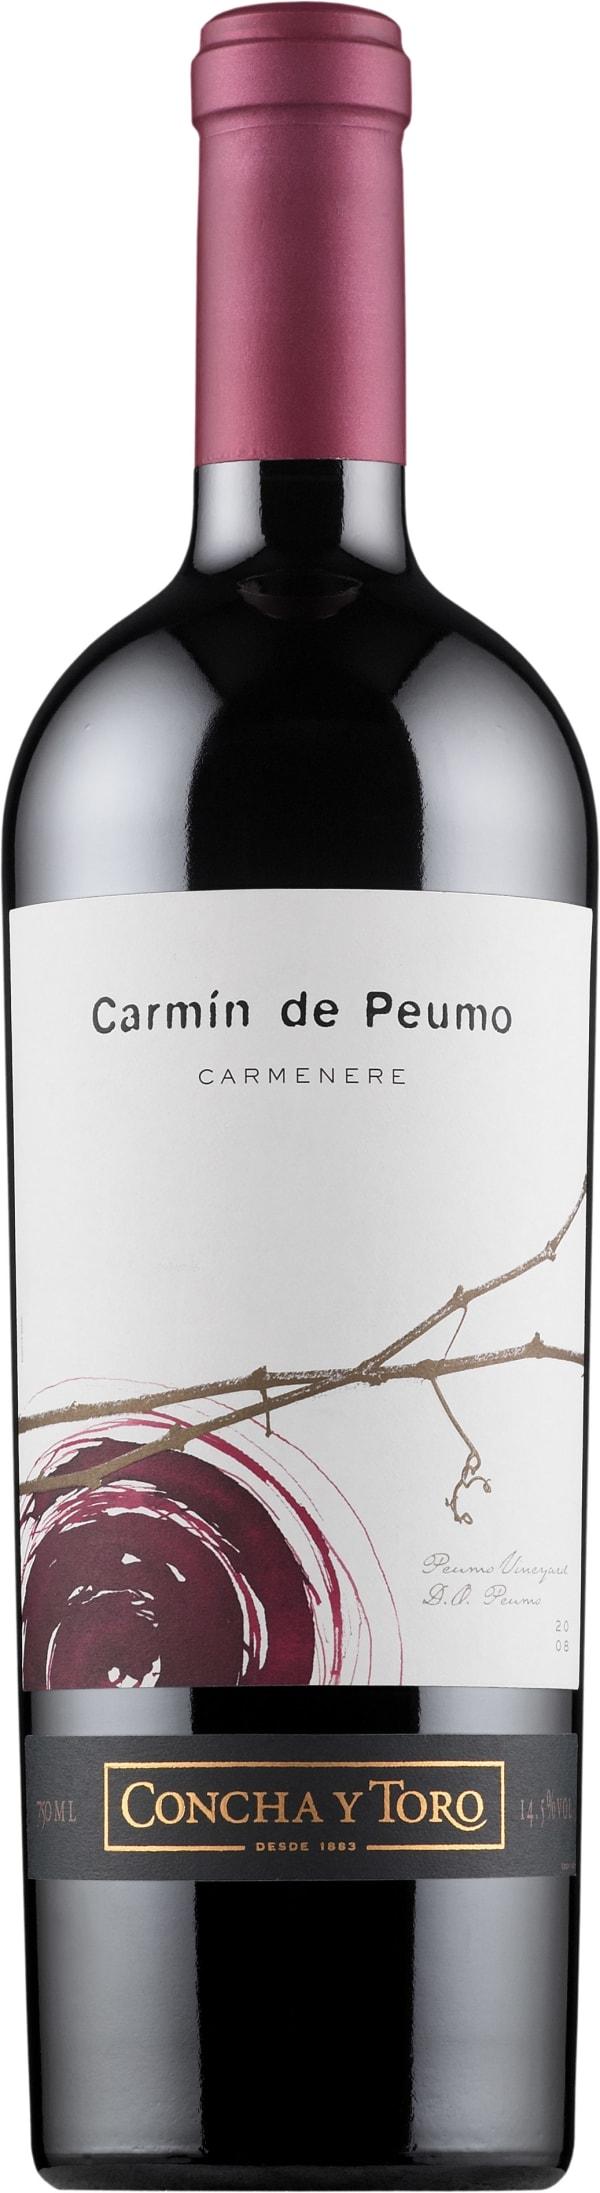 Carmín de Peumo Carmenere 2008